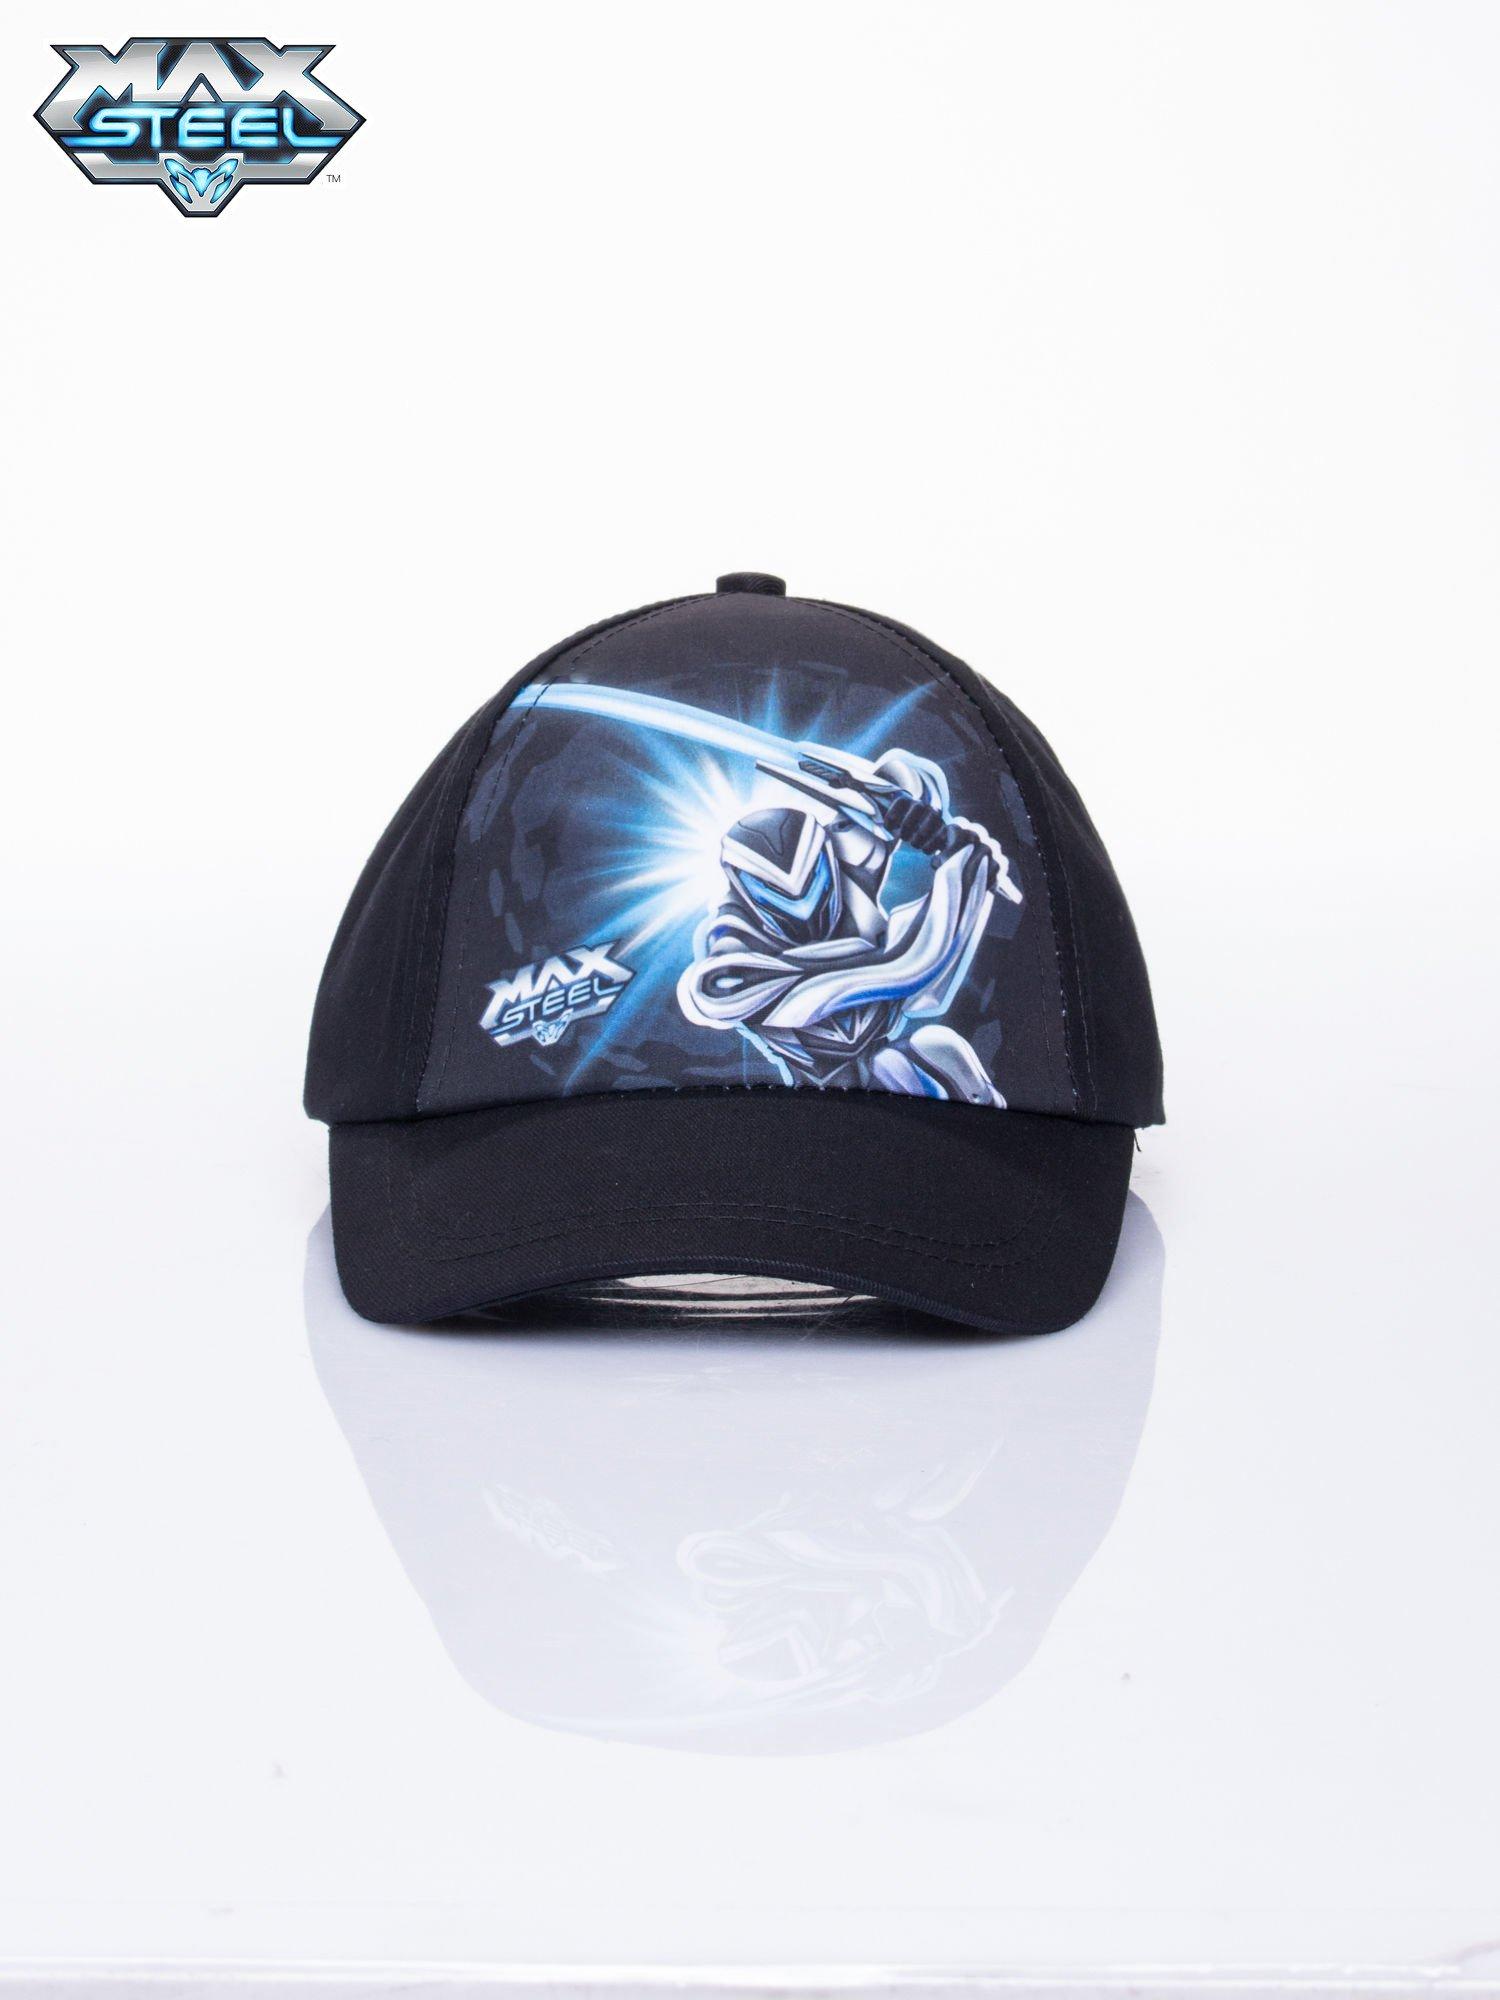 Czarna chłopięca czapka z daszkiem MAX STEEL                                  zdj.                                  1